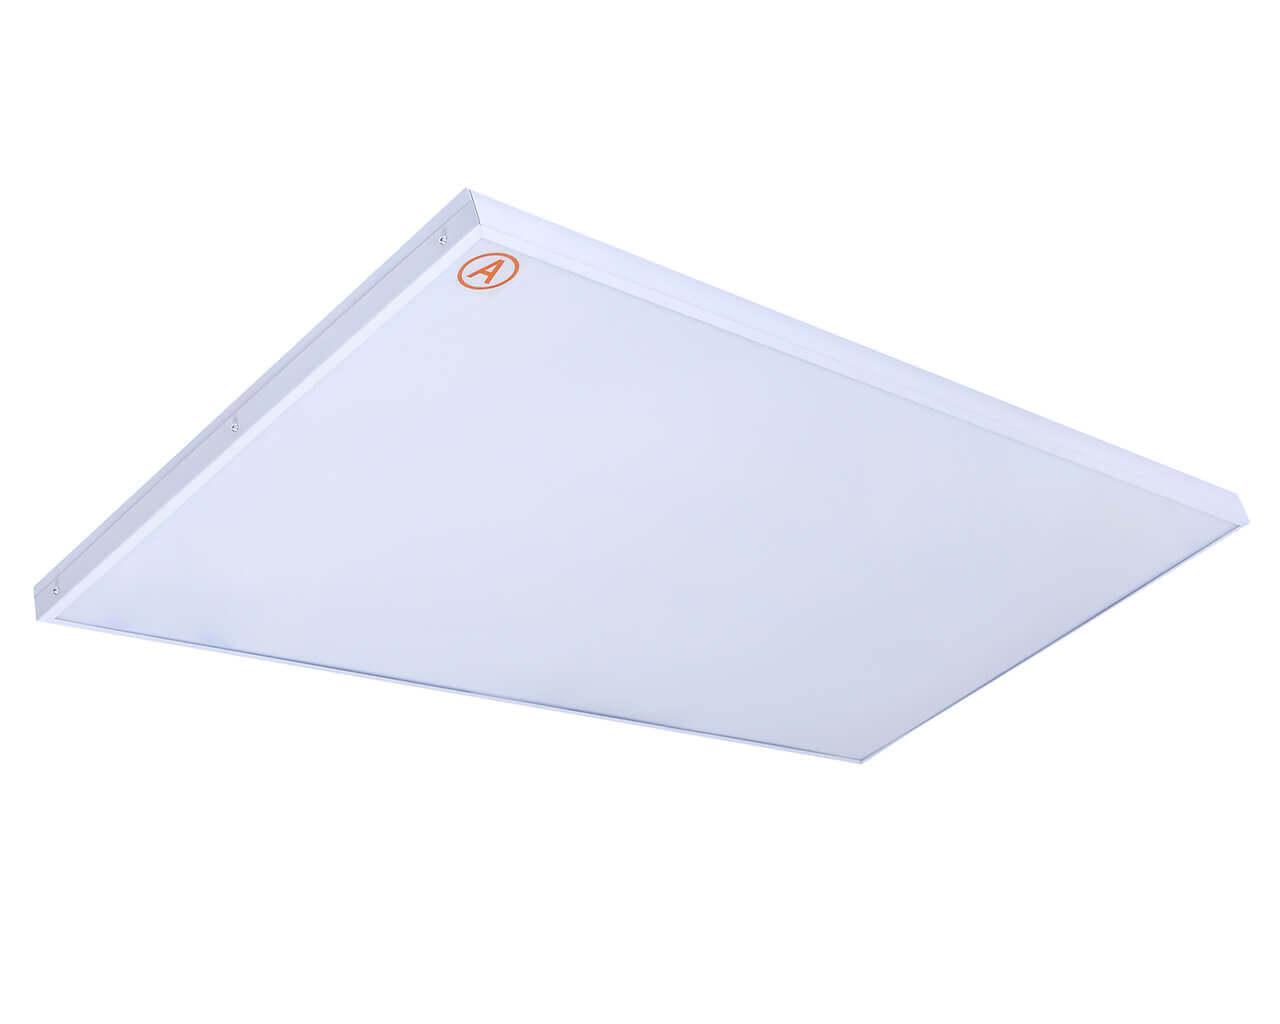 Универсальный светильник LC-US-120-OP-WW ватт 1195x595 Теплый белый Опал с Бап